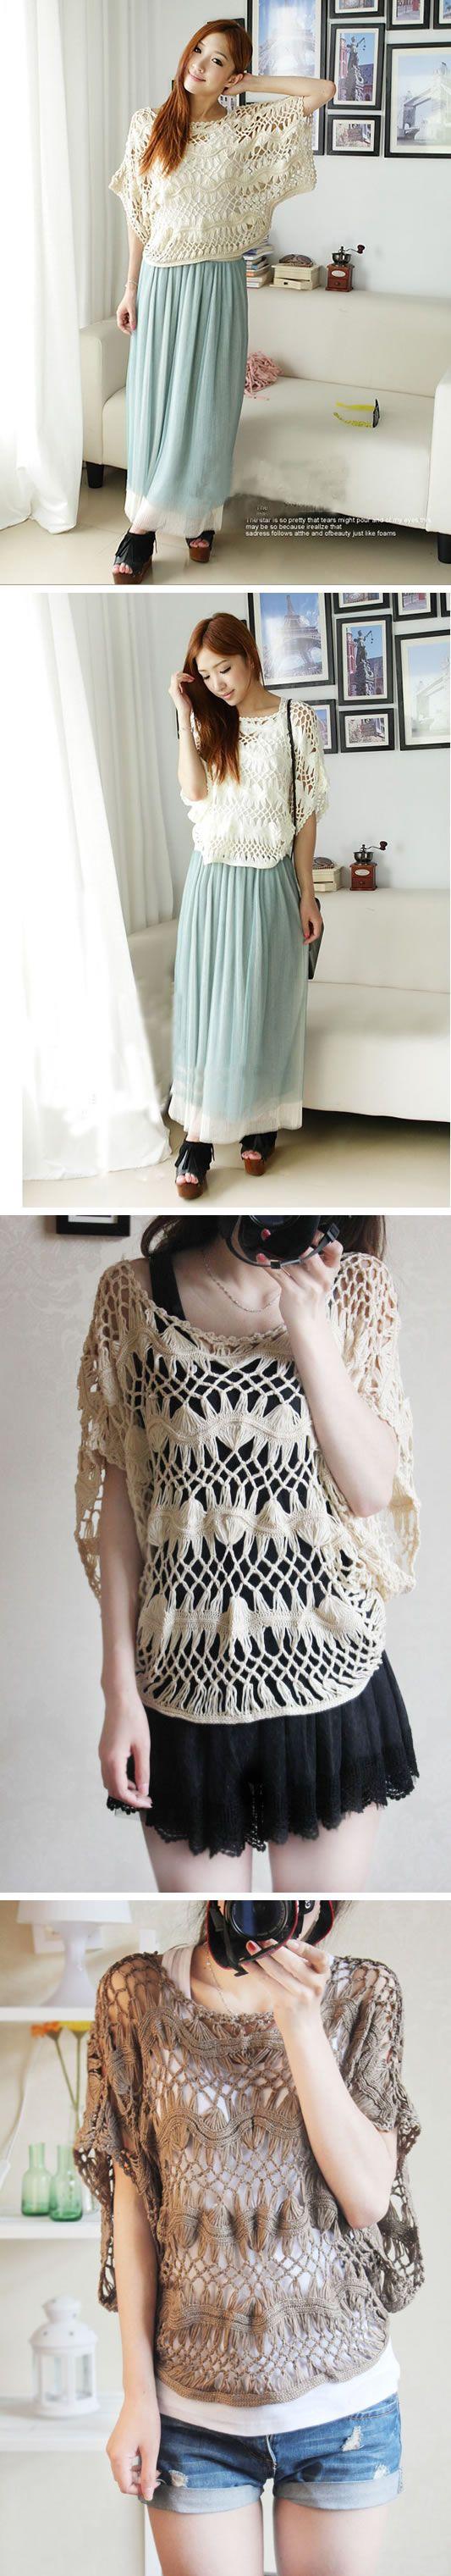 Ручная работа Вязаная Ажурная Вязанье Свободная Для полных Женская одежда Кофта